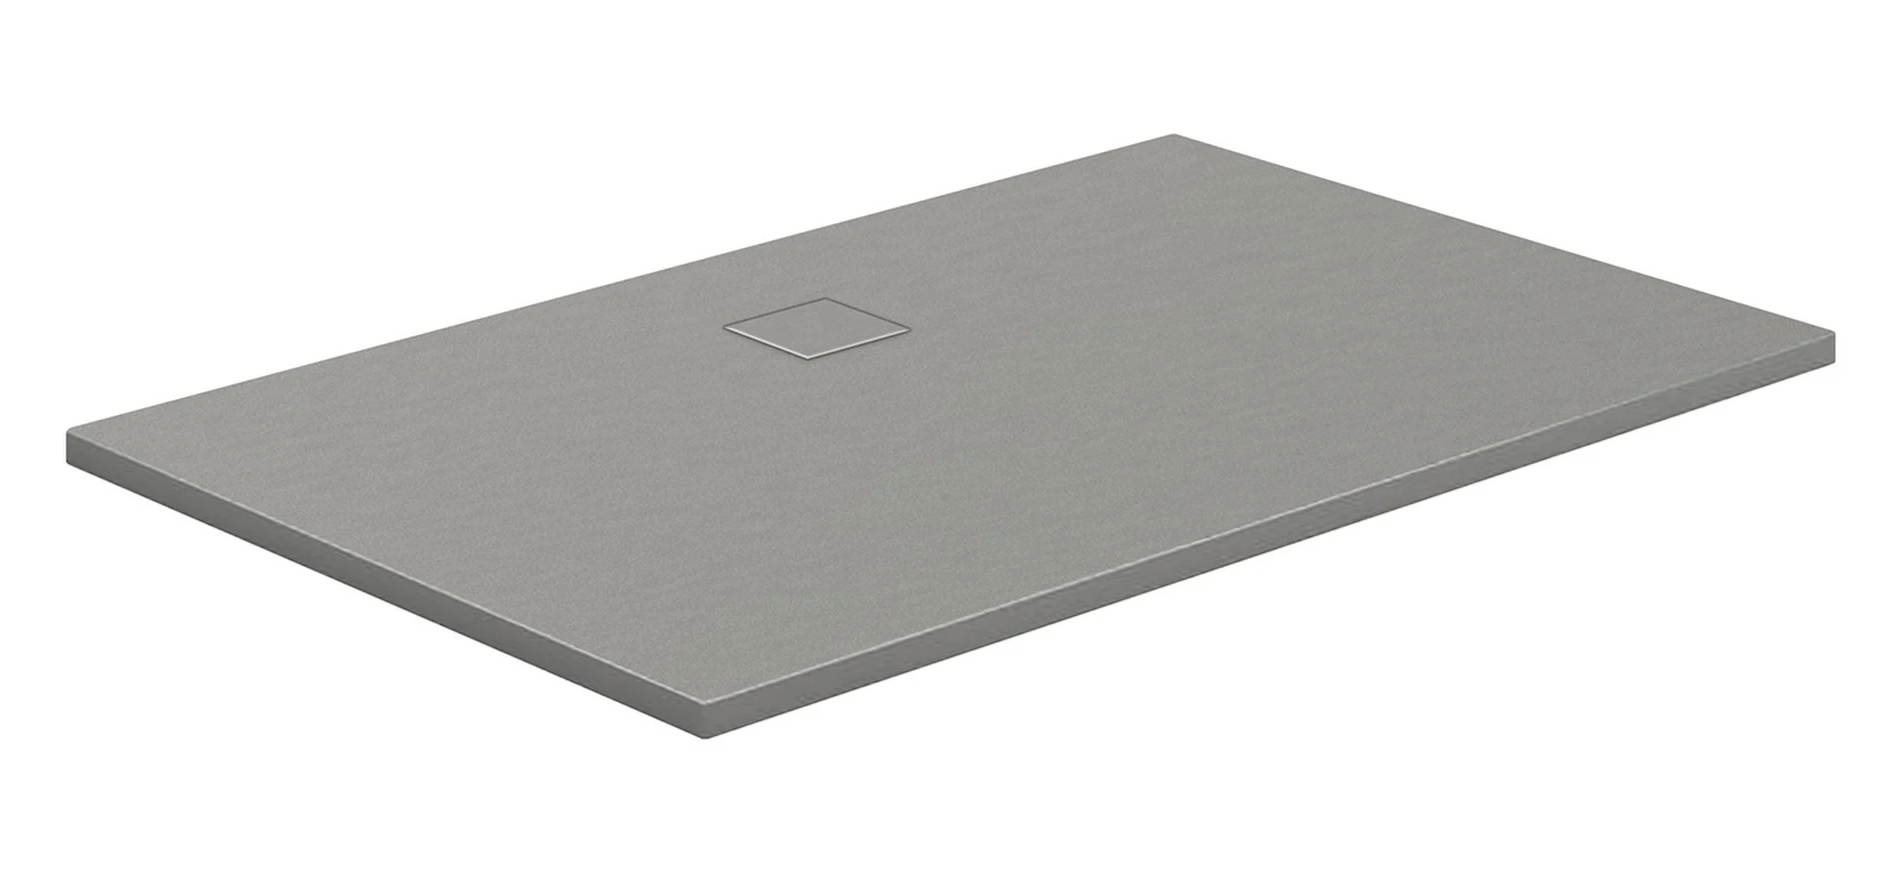 HSK Marmor-Polymer-Duschwannen, Steinoptik - Rechteck 80x120 Sandstein mit AntiSlip-Beschichtigung